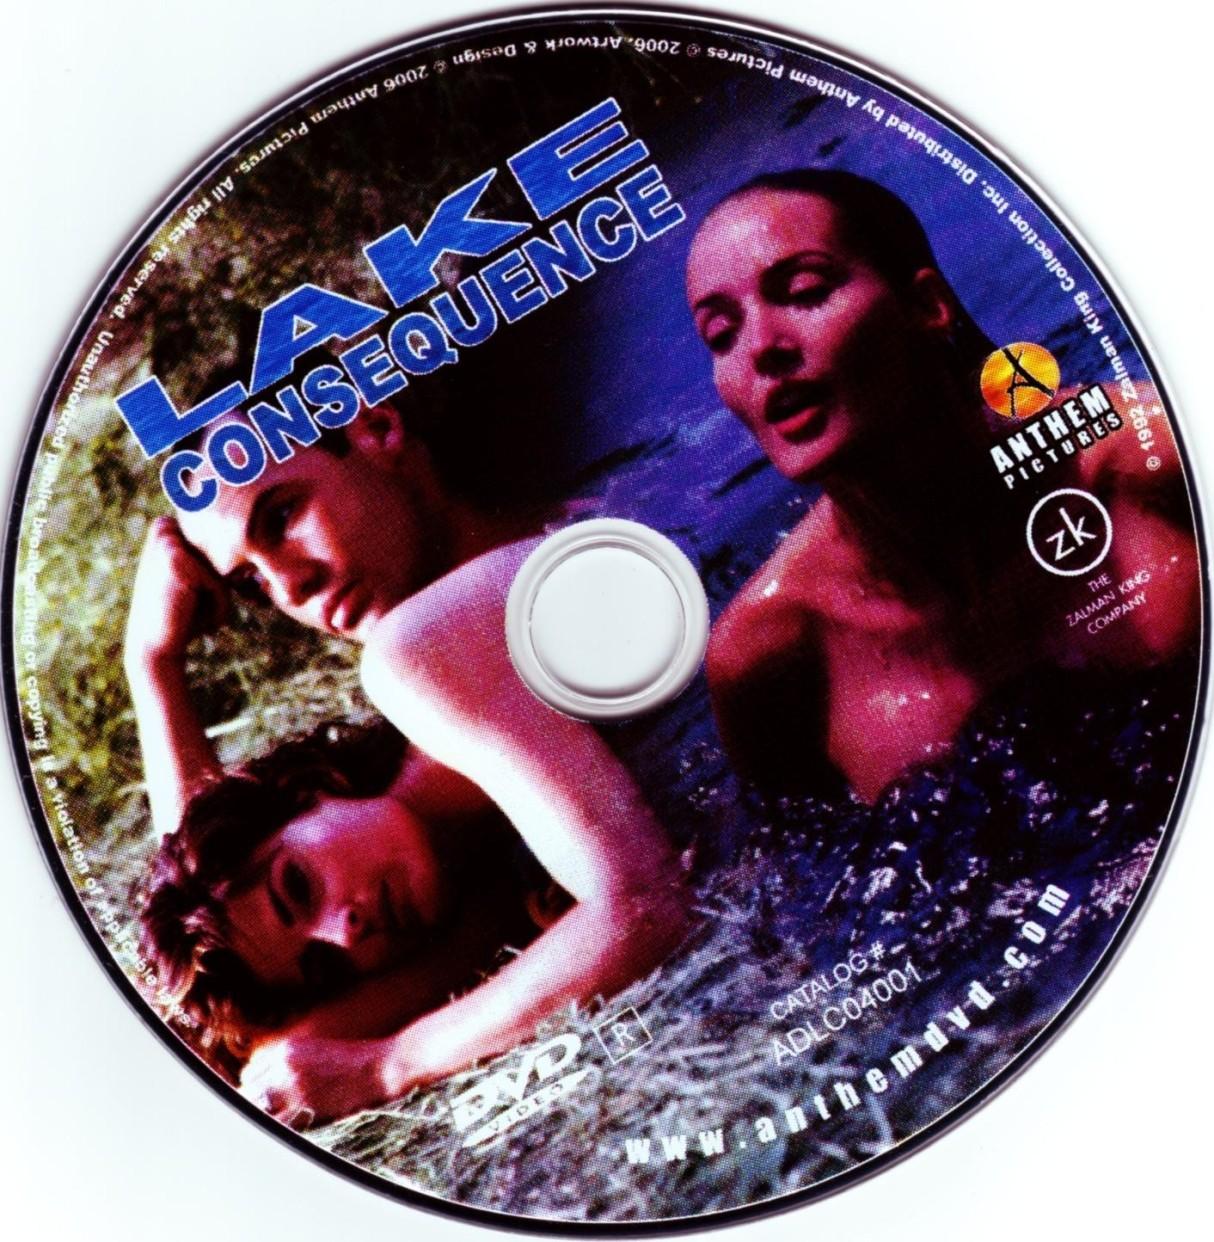 http://3.bp.blogspot.com/_3urjg4RlyZg/S_eajEop26I/AAAAAAAAAAM/ZhefA-Mrq2M/s1600/lake+consequence.jpg